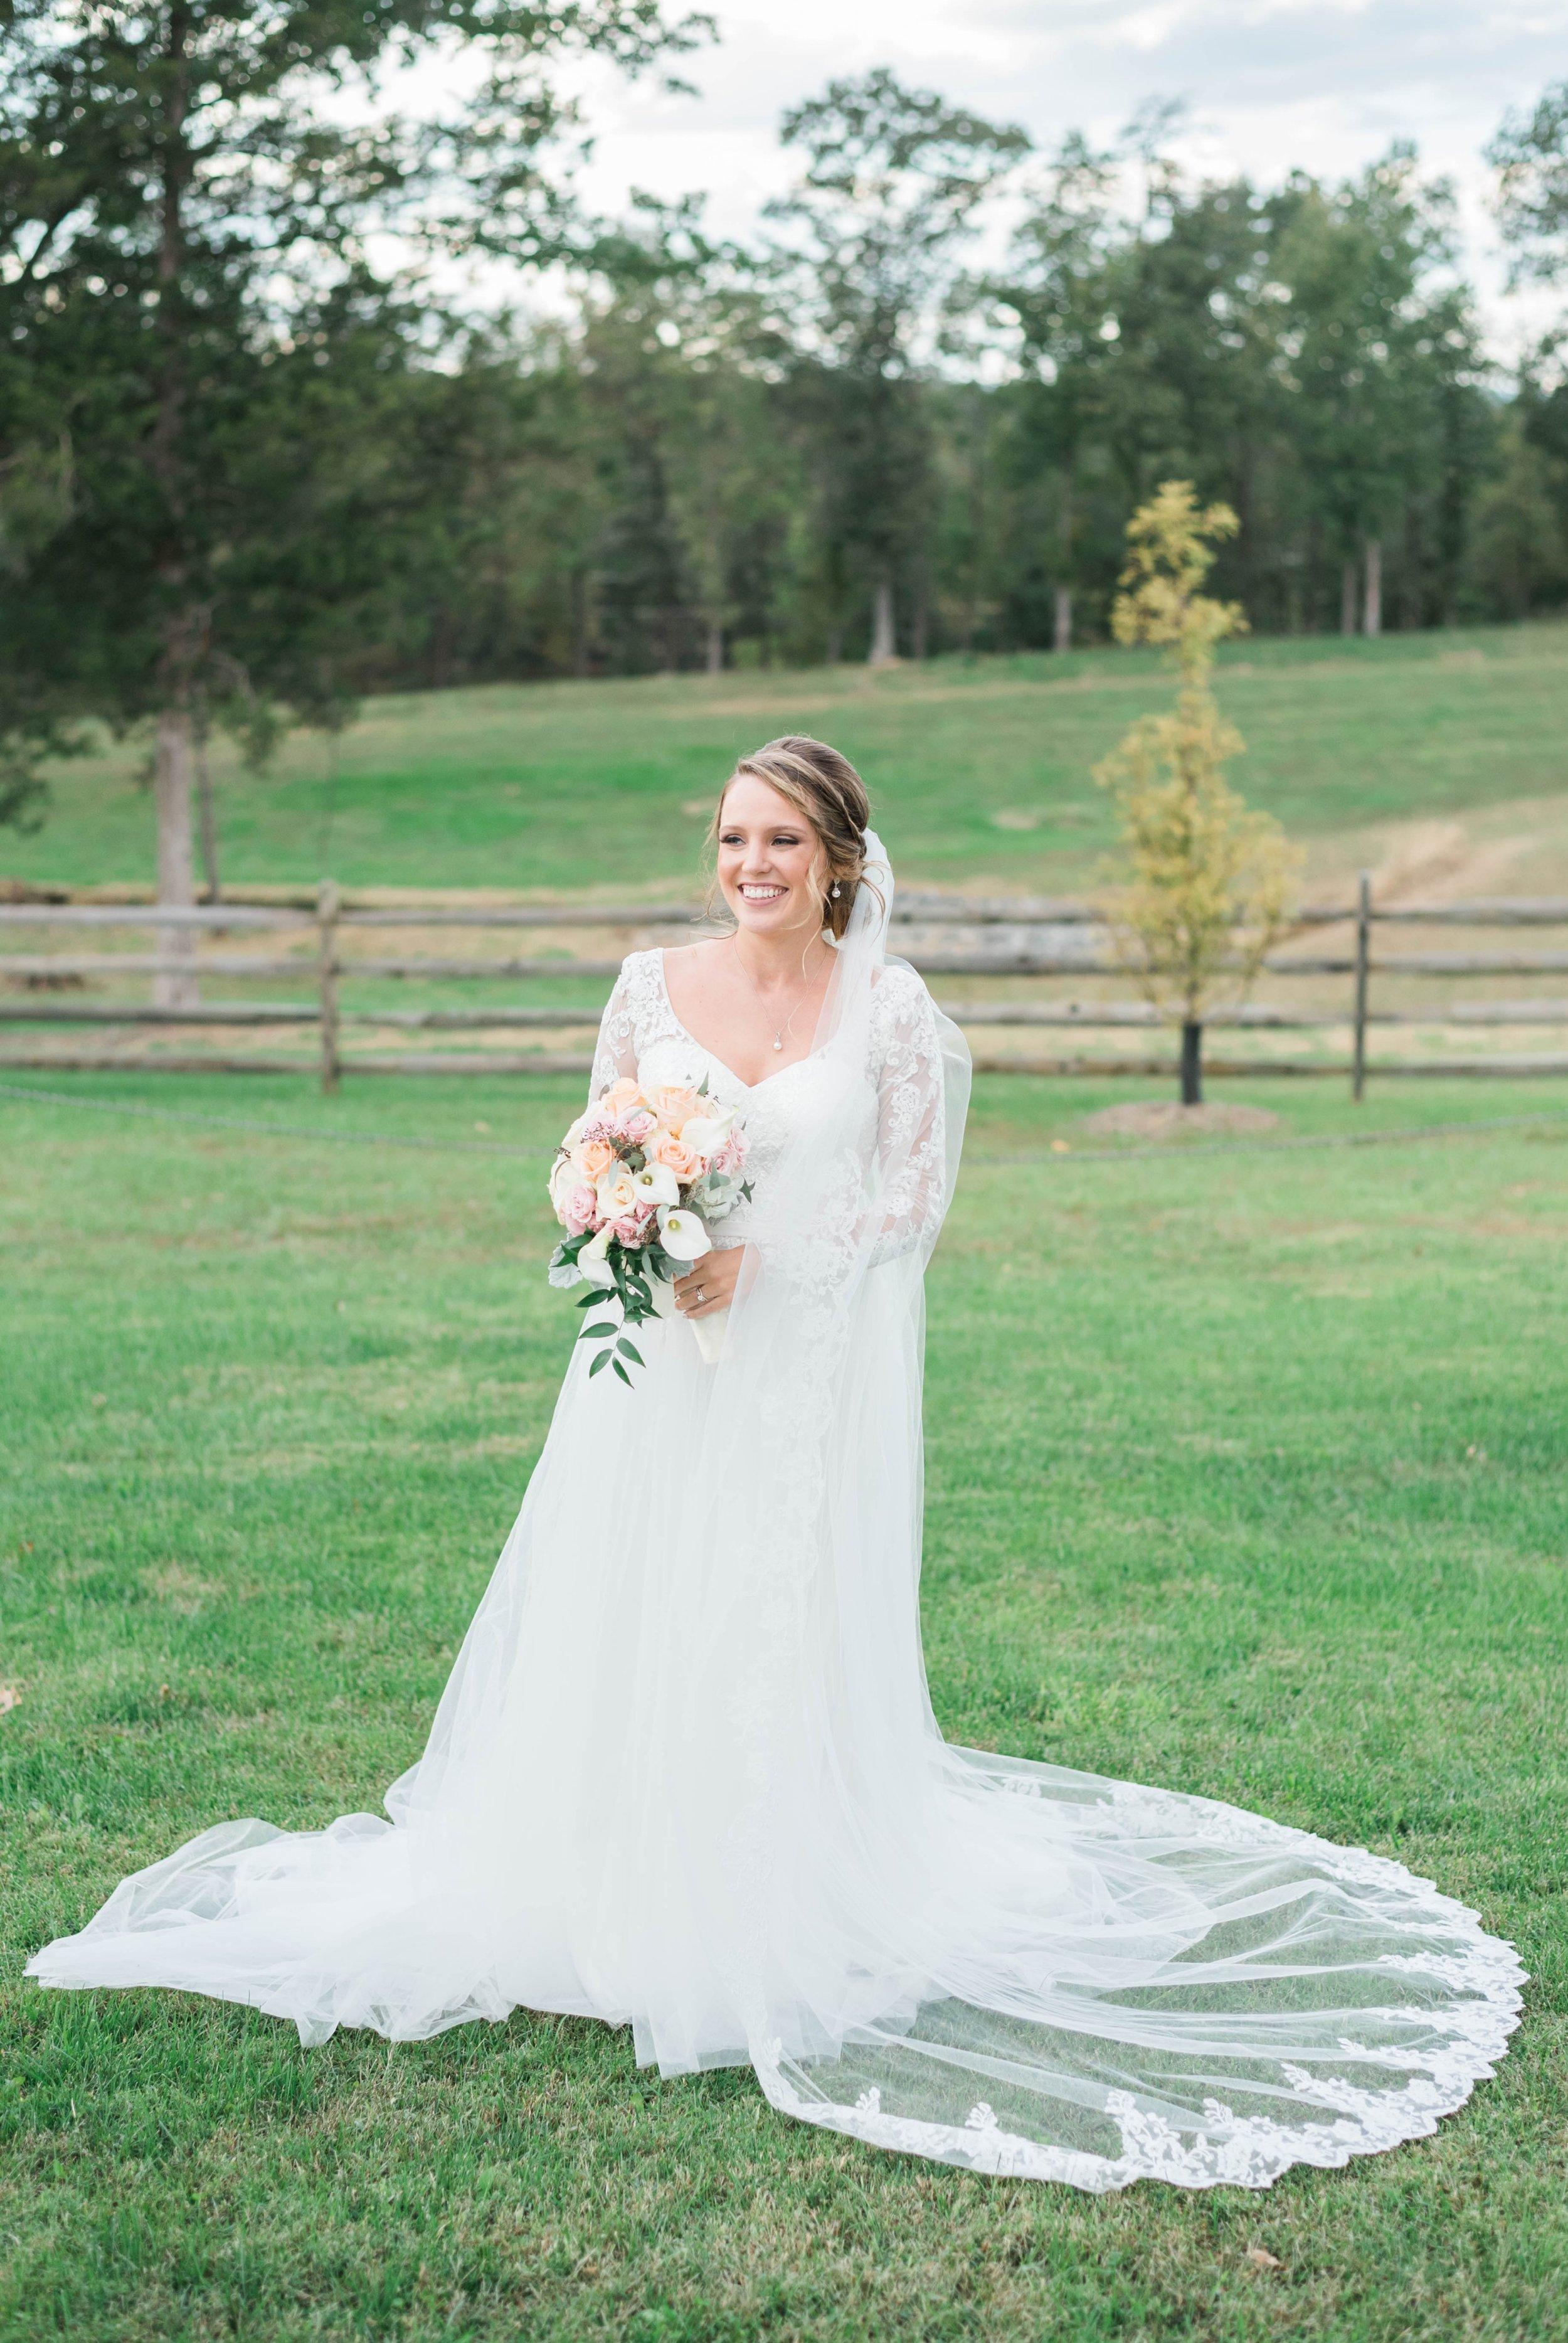 GrantElizabeth_wineryatbullrun_DCwedding_Virginiaweddingphotographer 4.jpg